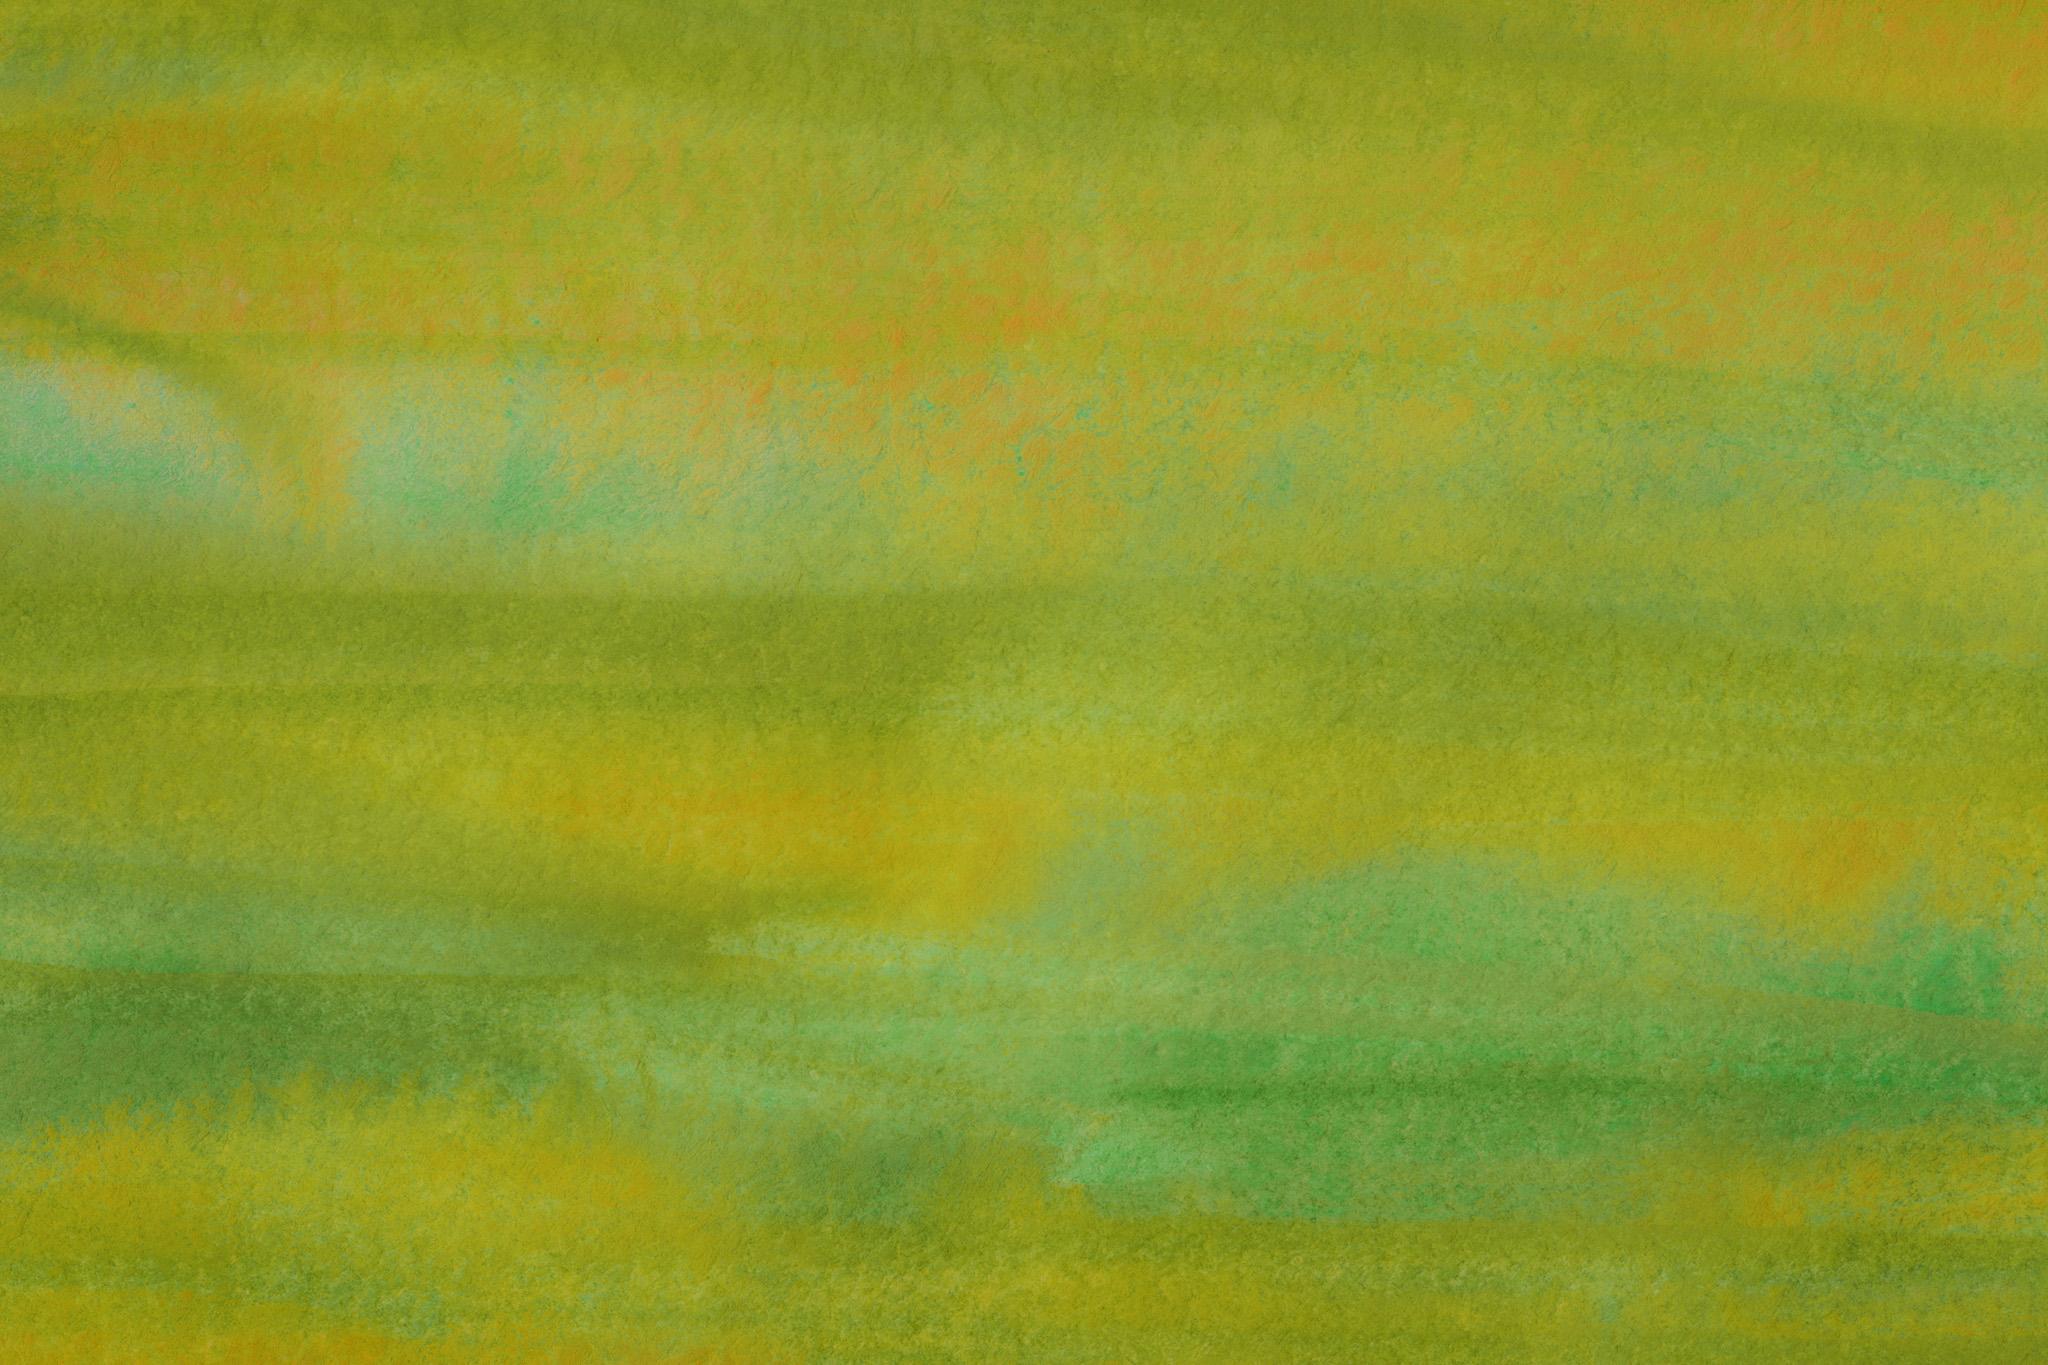 「緑と茶色の水彩ペイントテクスチャ」